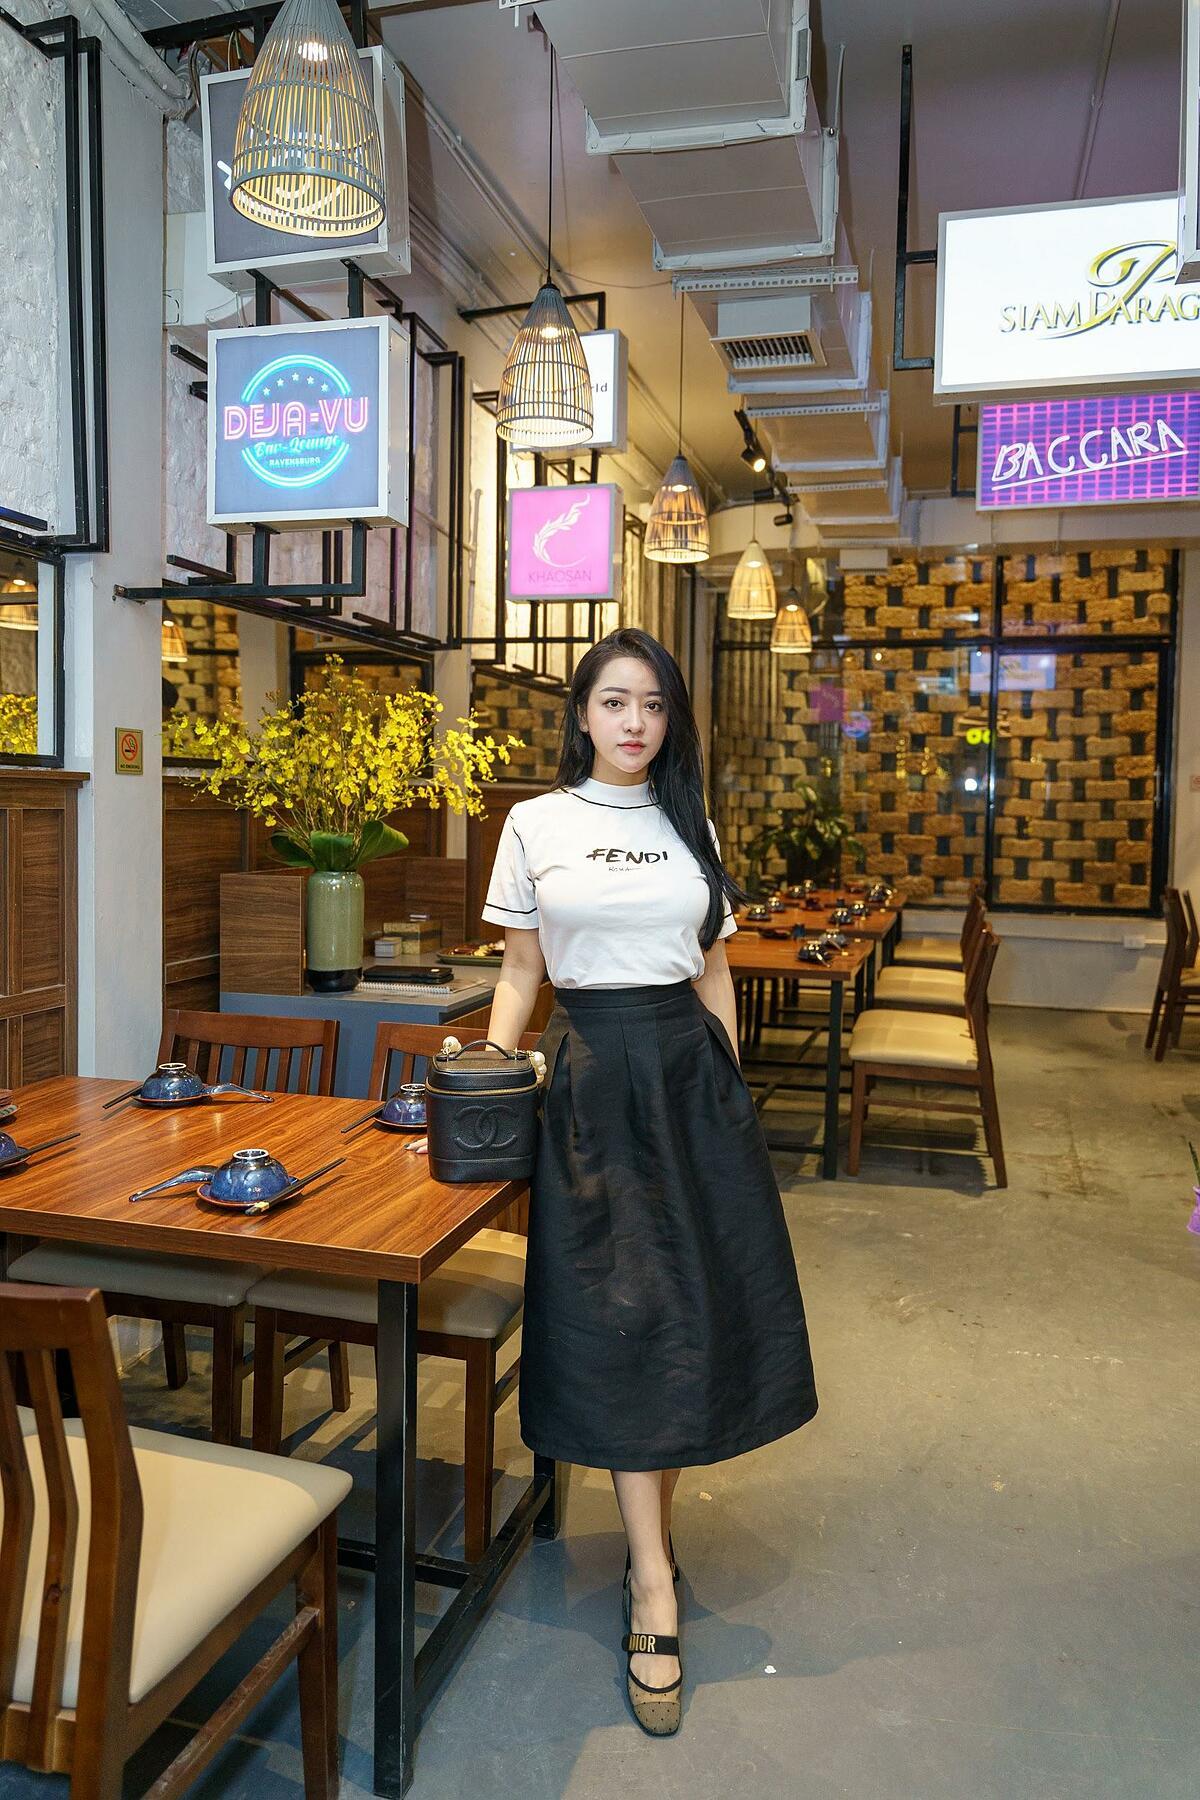 Một Bangkok hiện đại, sầm uất hiện hữu giữa lòng Hà Nội với những tấm biển đường phố, khu mua sắm nổi tiếng.